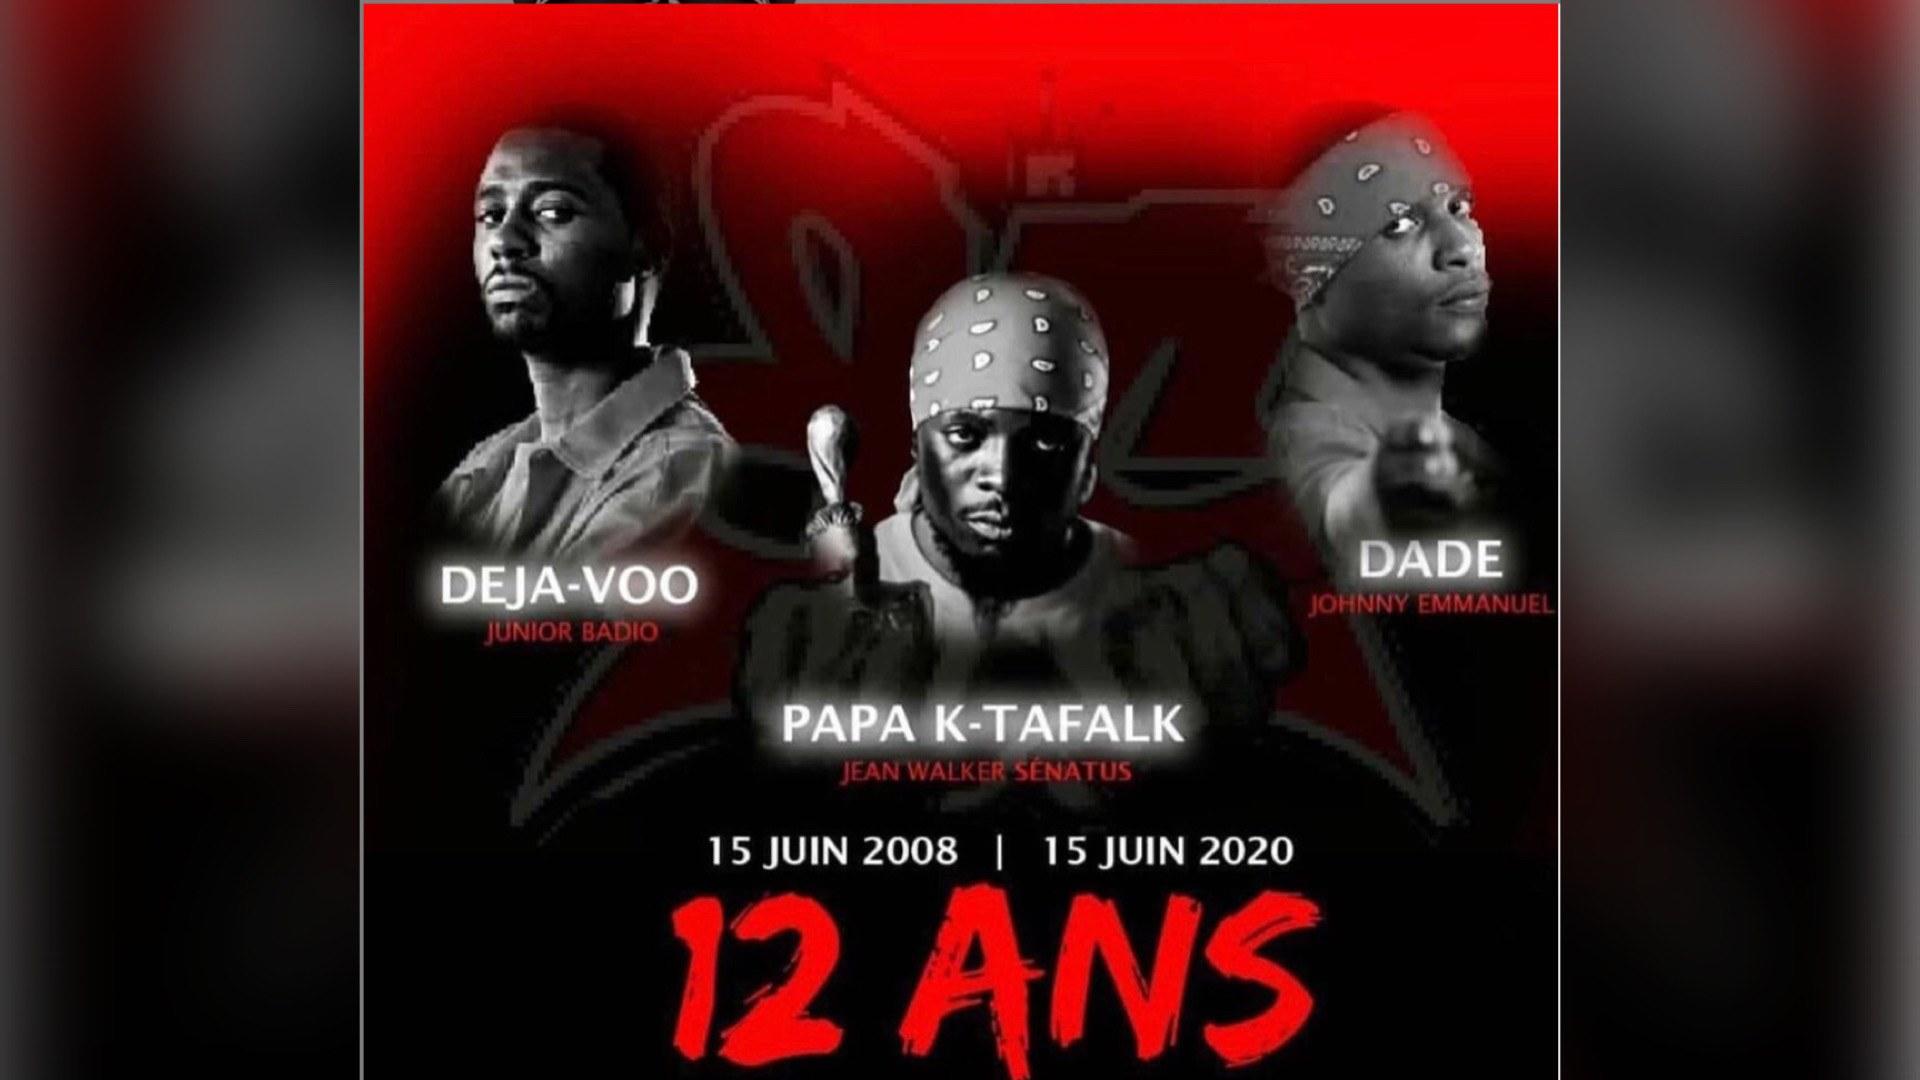 15 juin 2020, 12 ans depuis la mort tragique des quatre musiciens de Barikad Crew